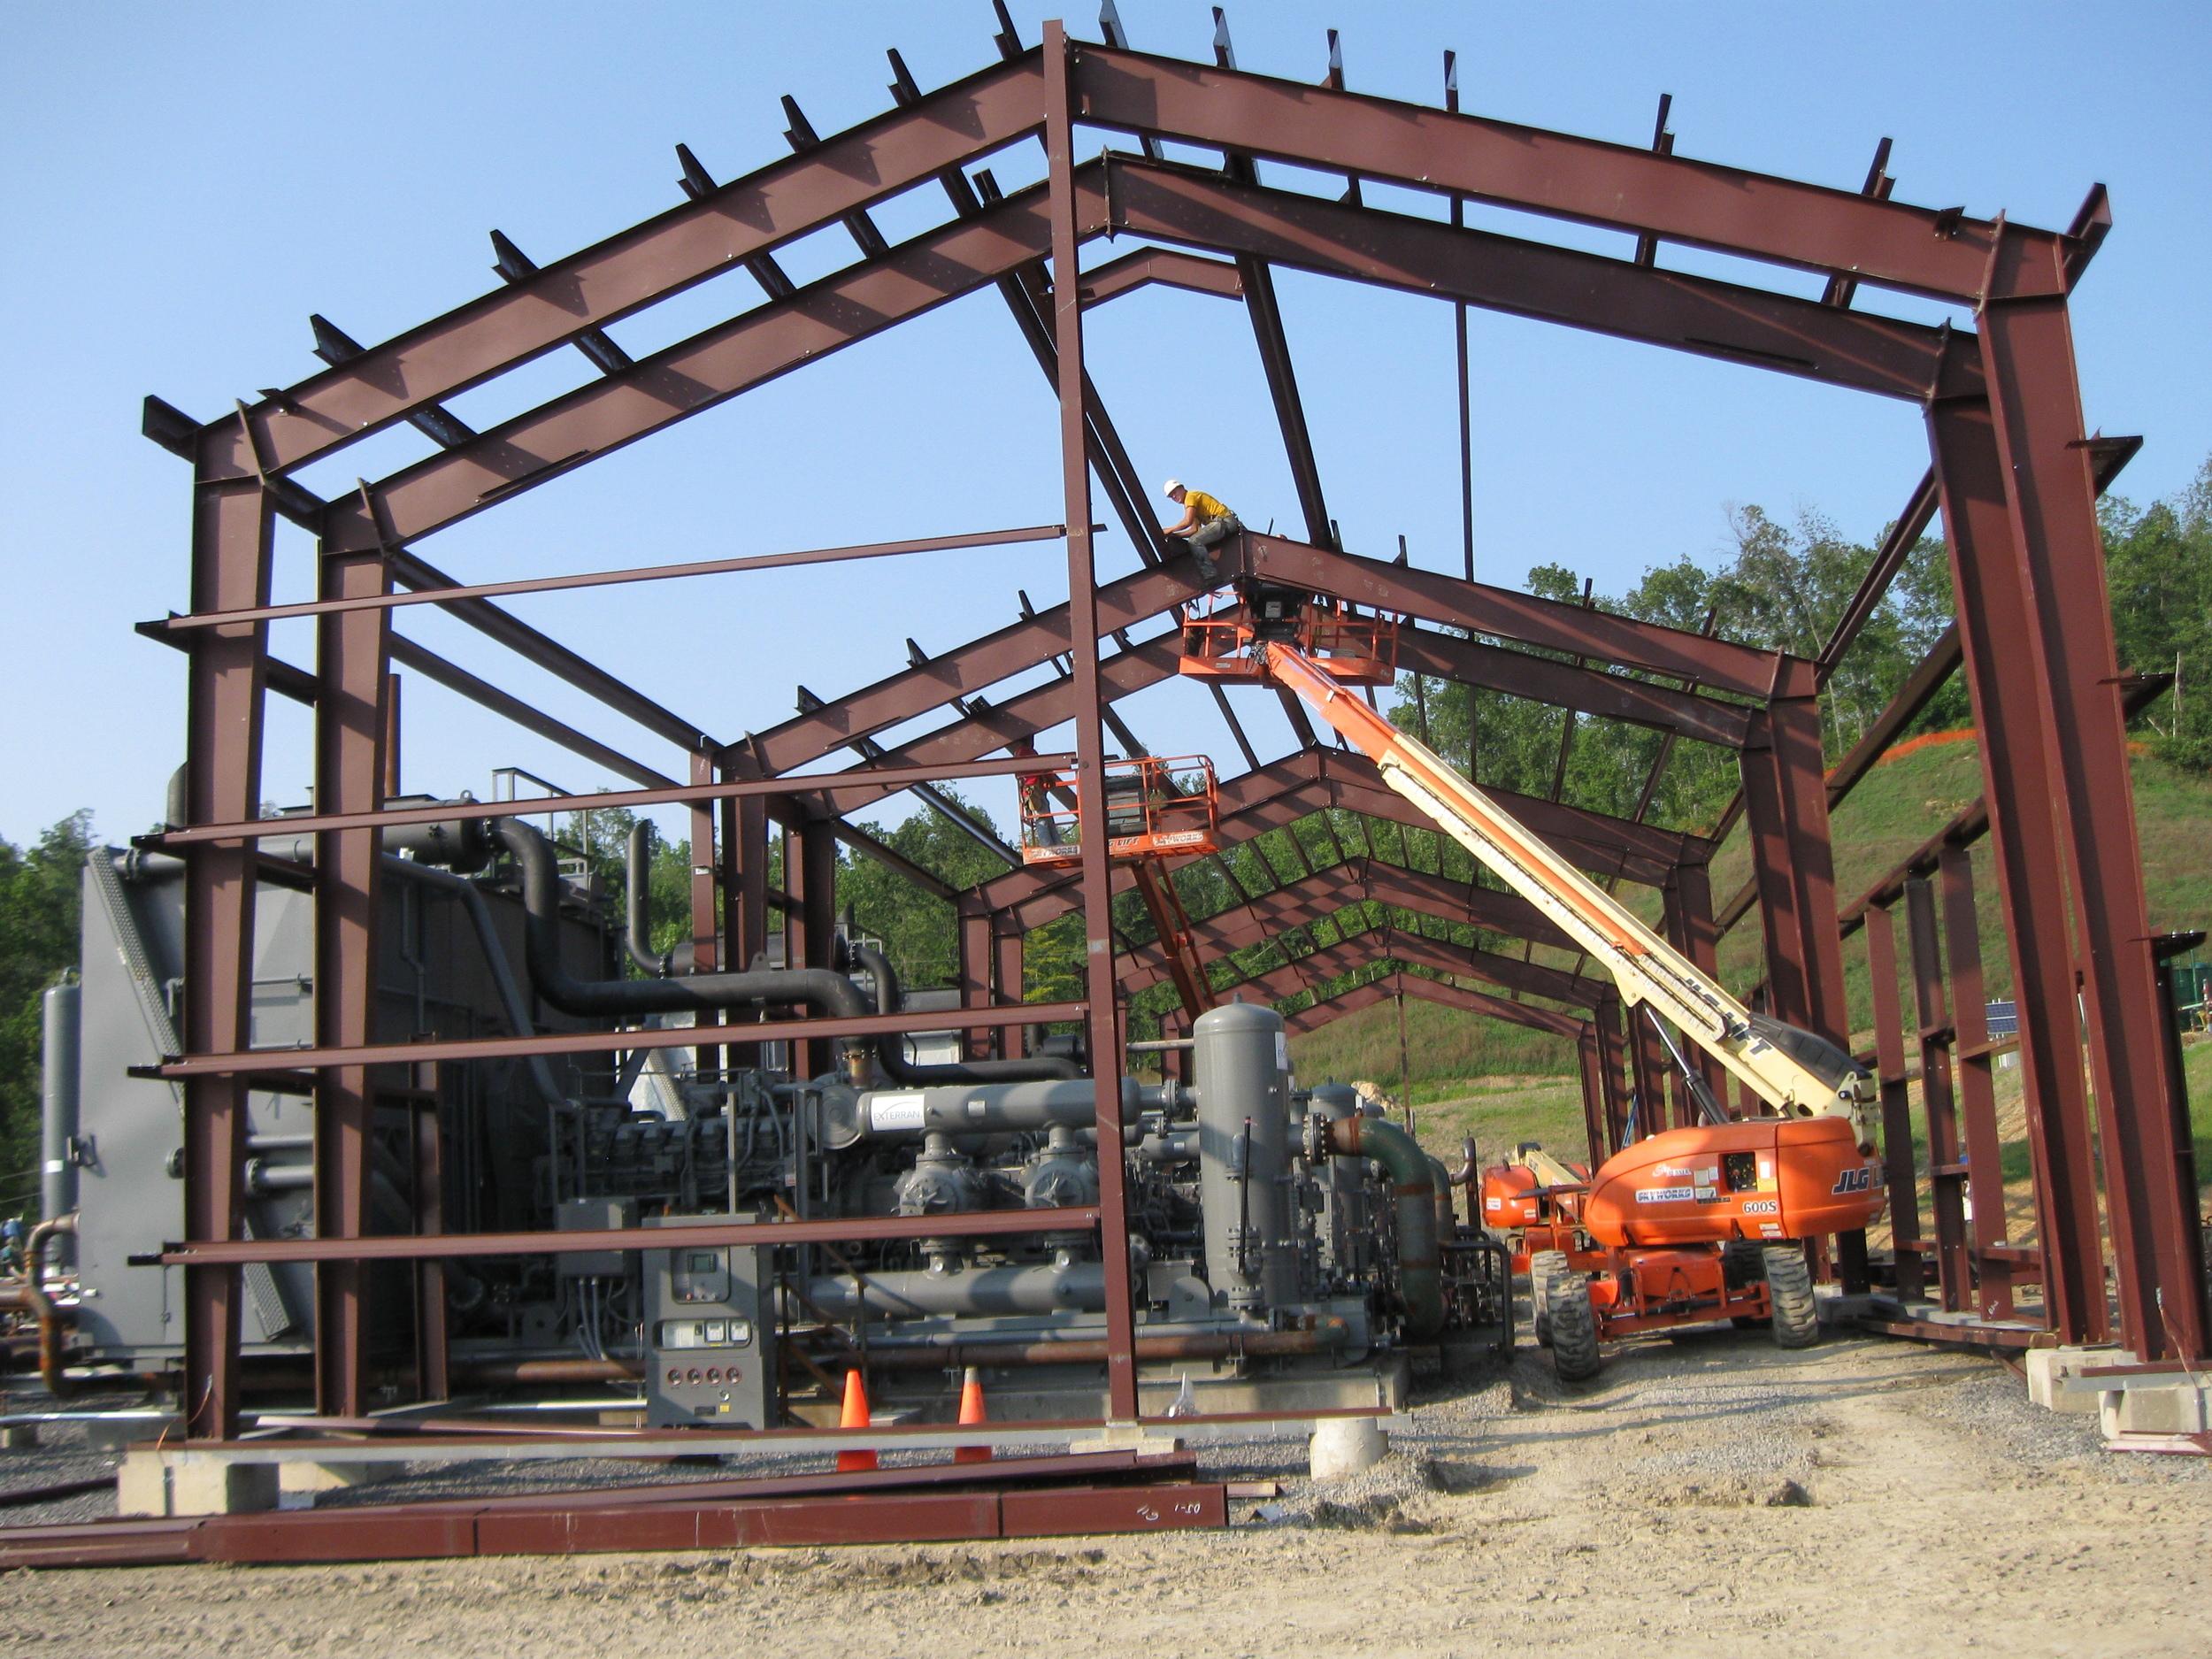 Clarksburg Compressor Station